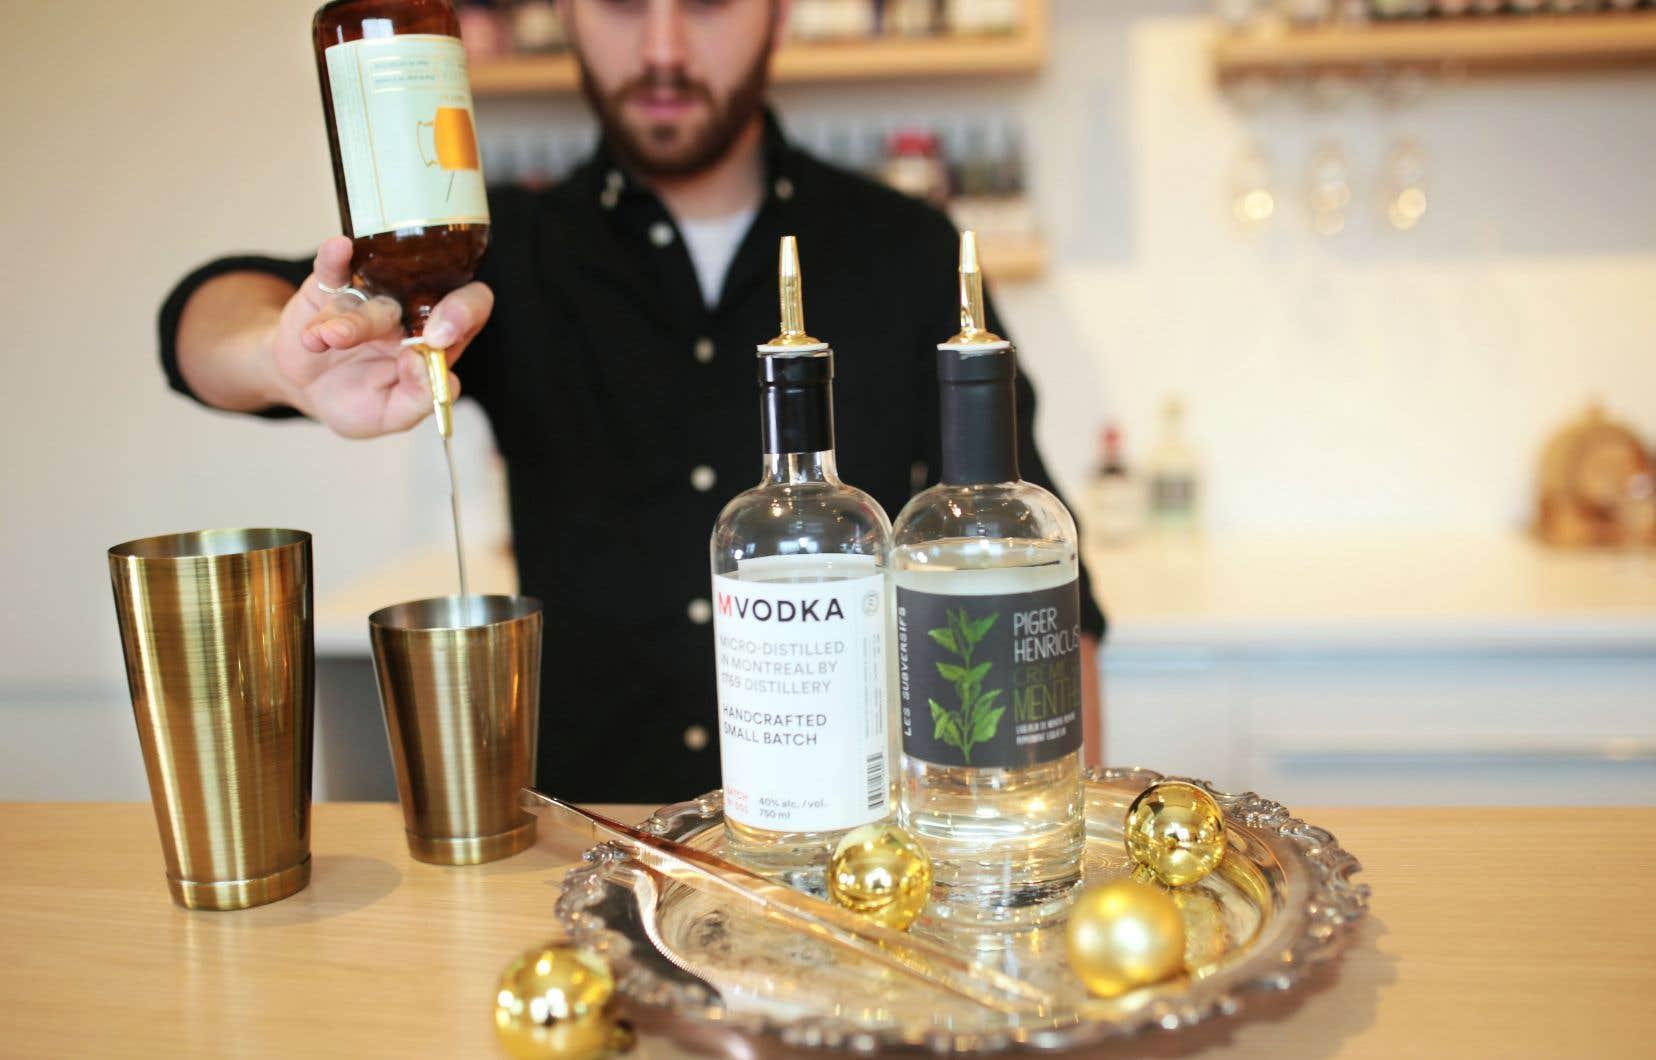 La vodka est au cœur de la confection de cocktails que proposent dans nos pages Manuel Perrier et Jean-Sébastien Michel.